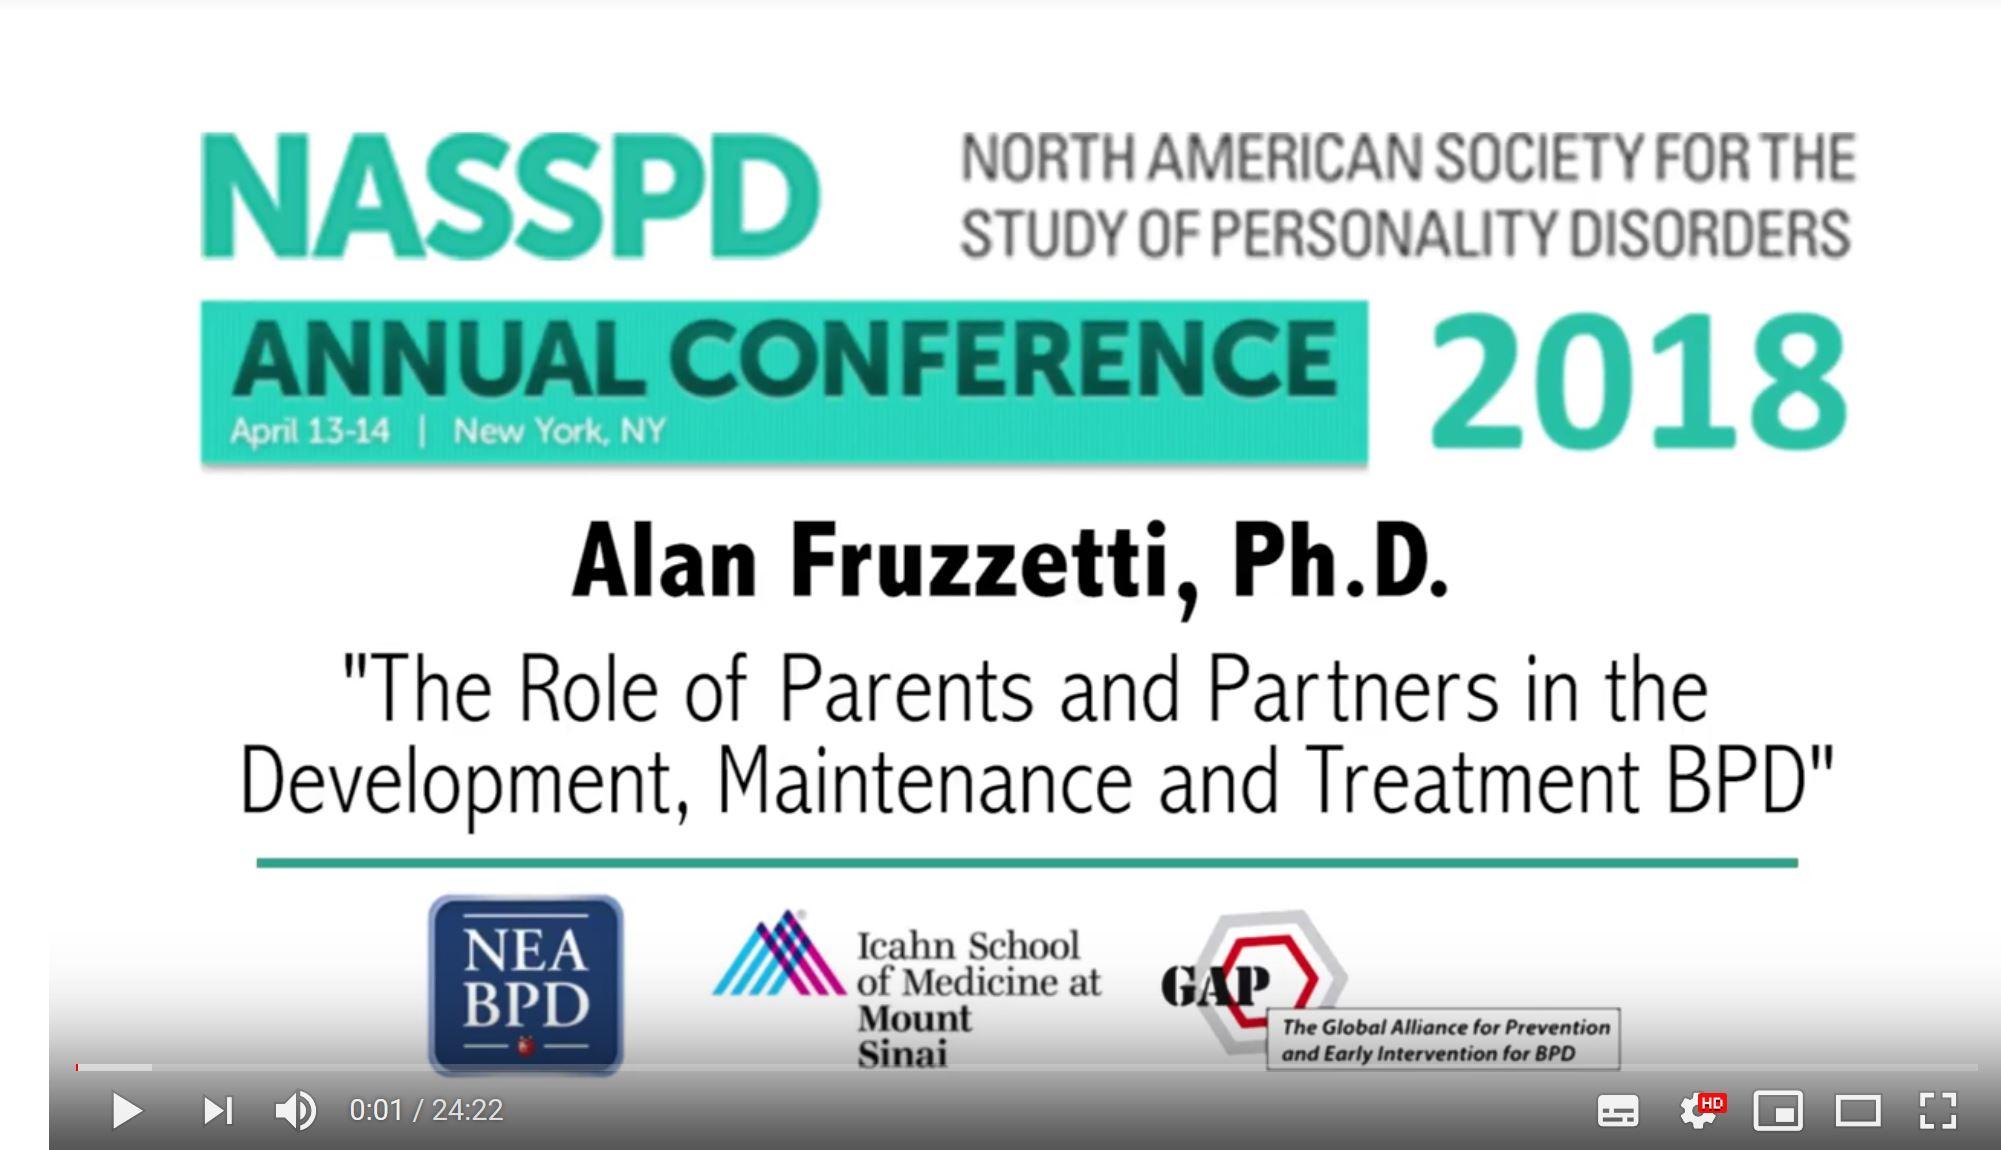 NASSPD Conference banner